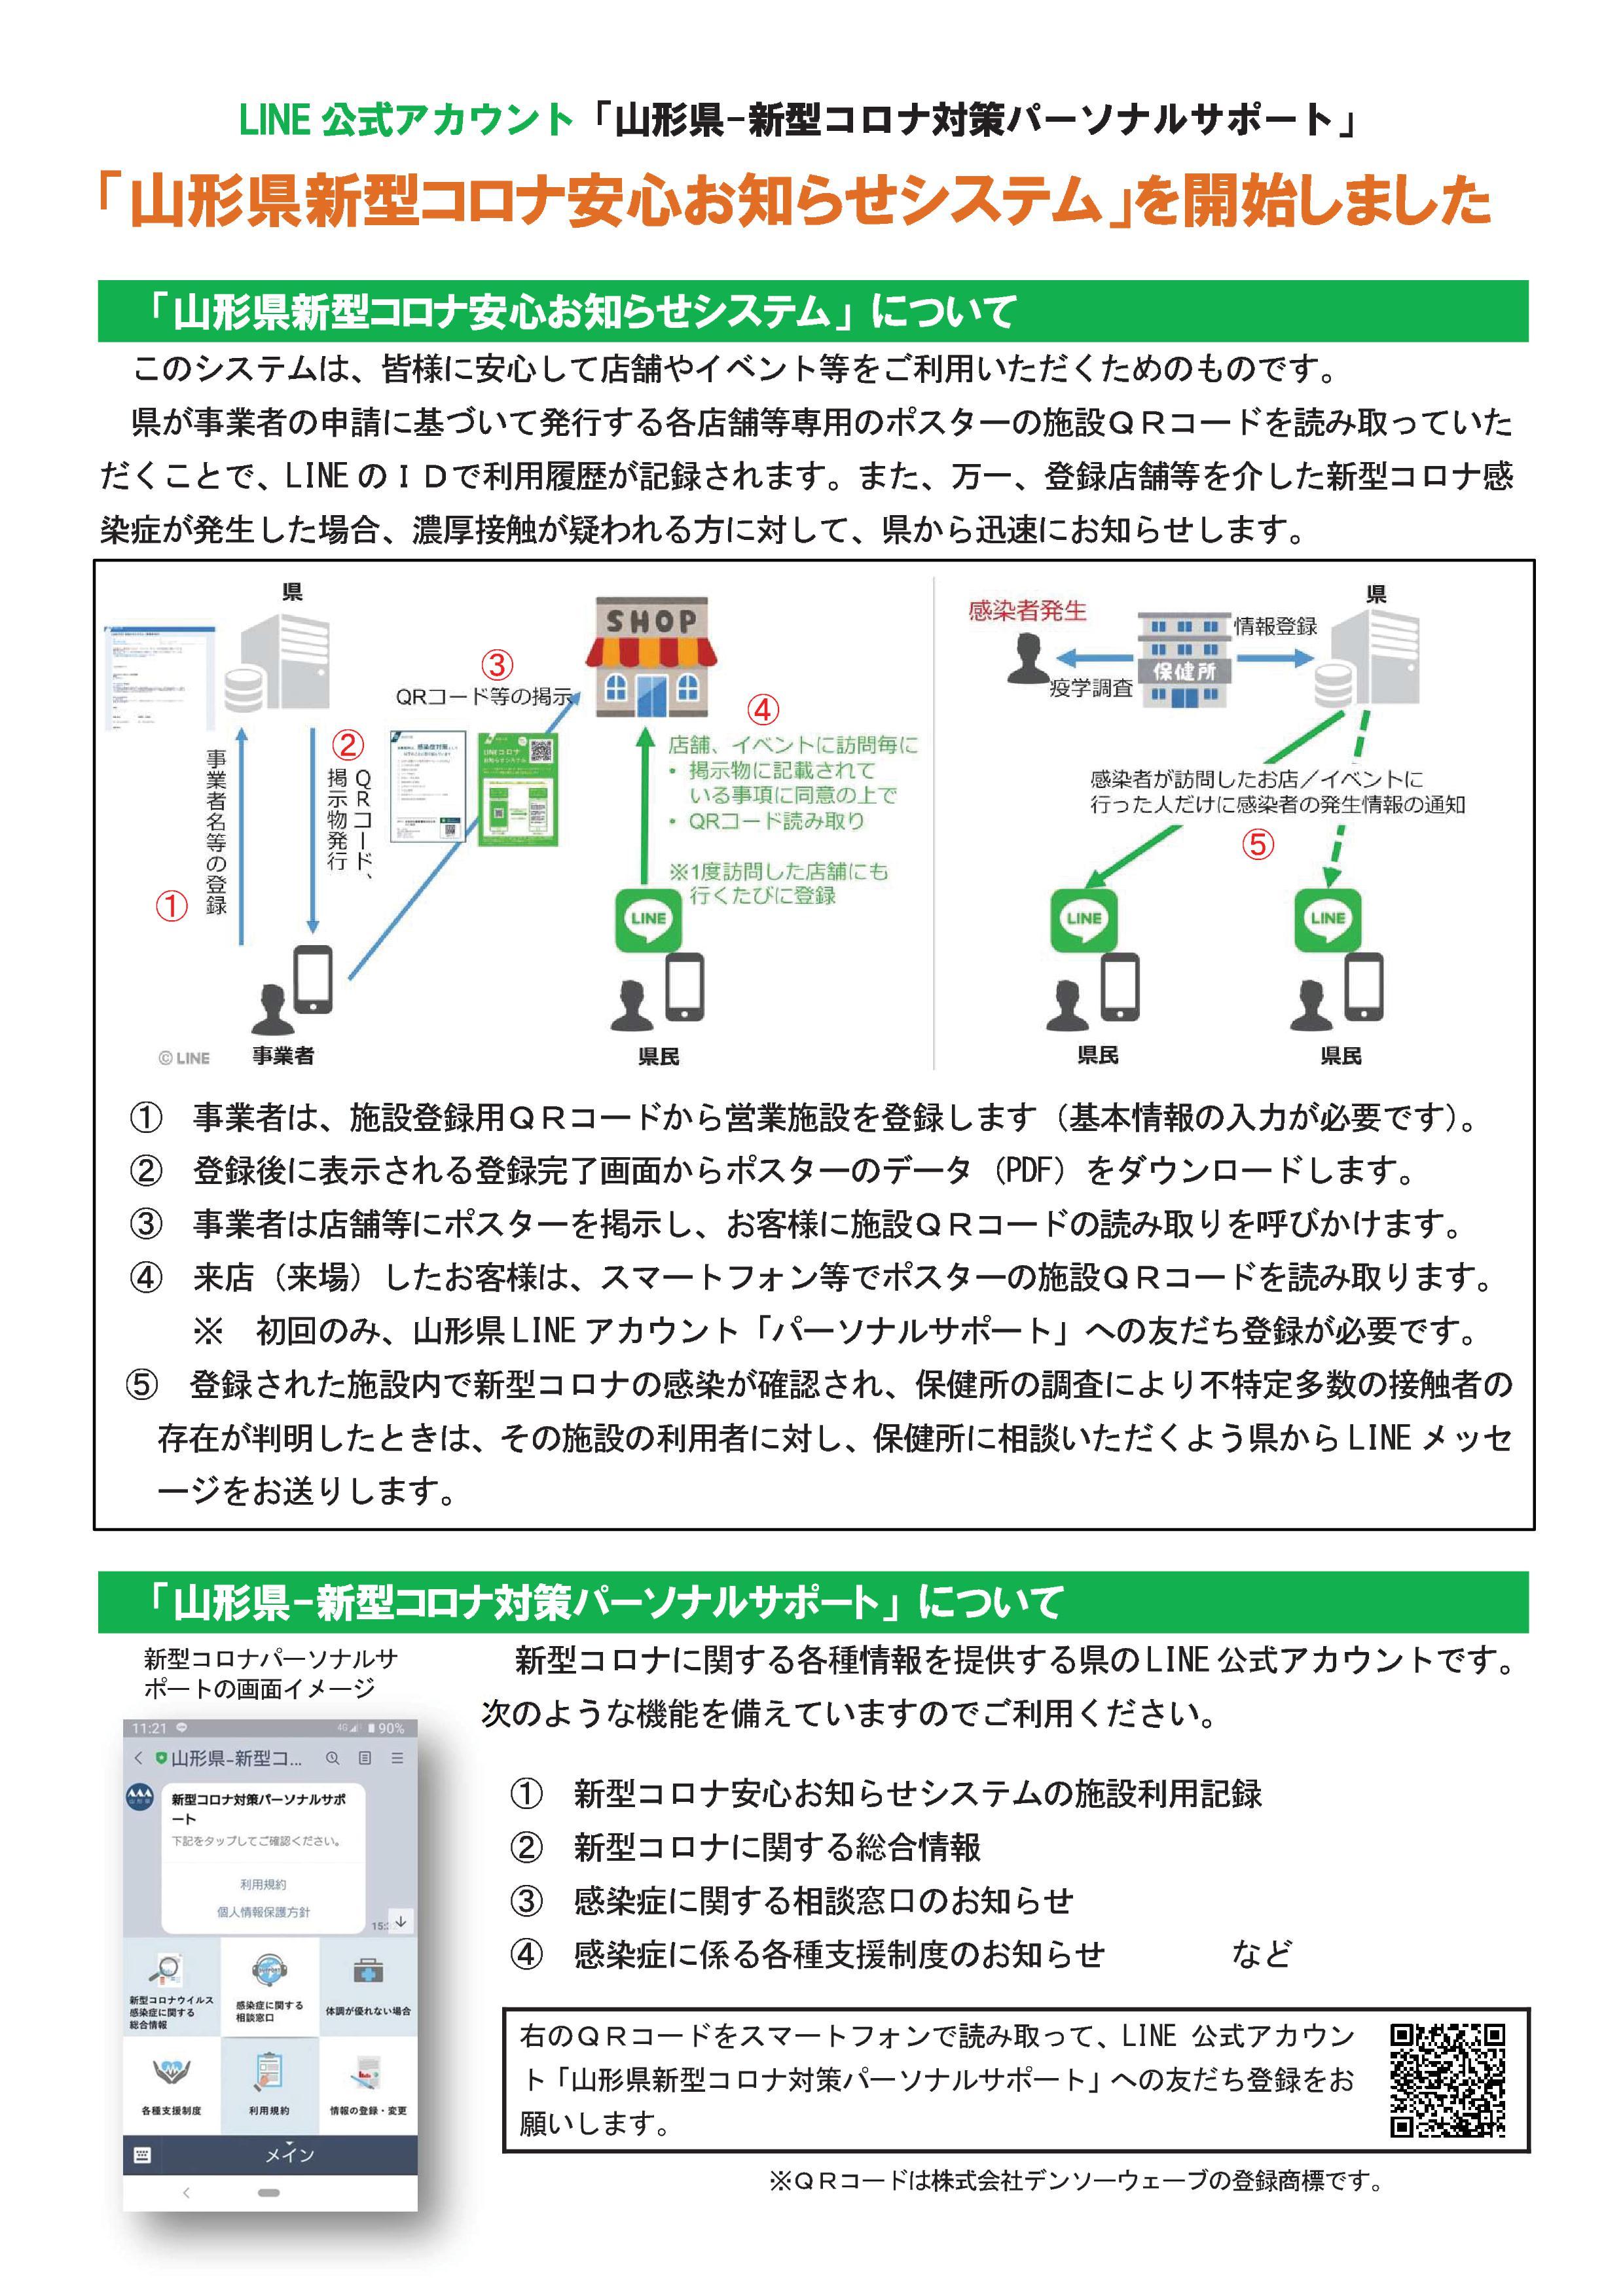 安心お知らせシステム(チラシ)-01.jpg